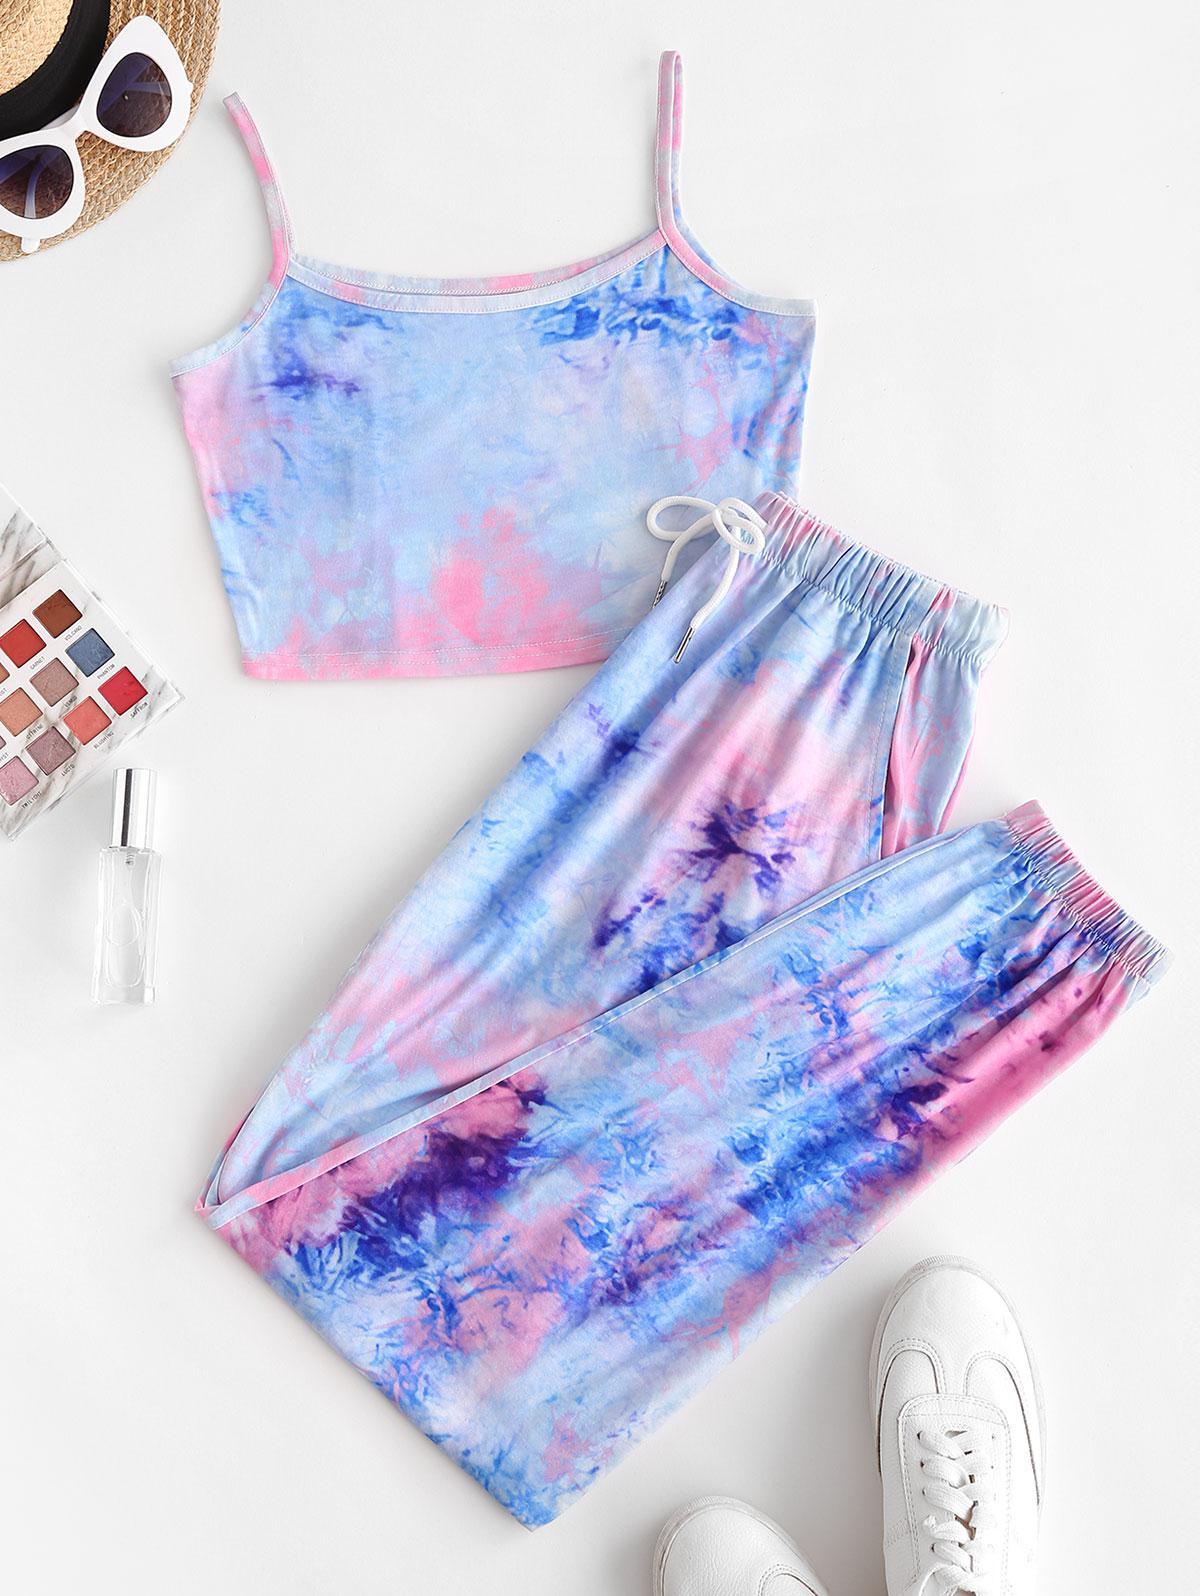 ZAFUL Tie Dye Pocket Drawstring Jogger Pants Set